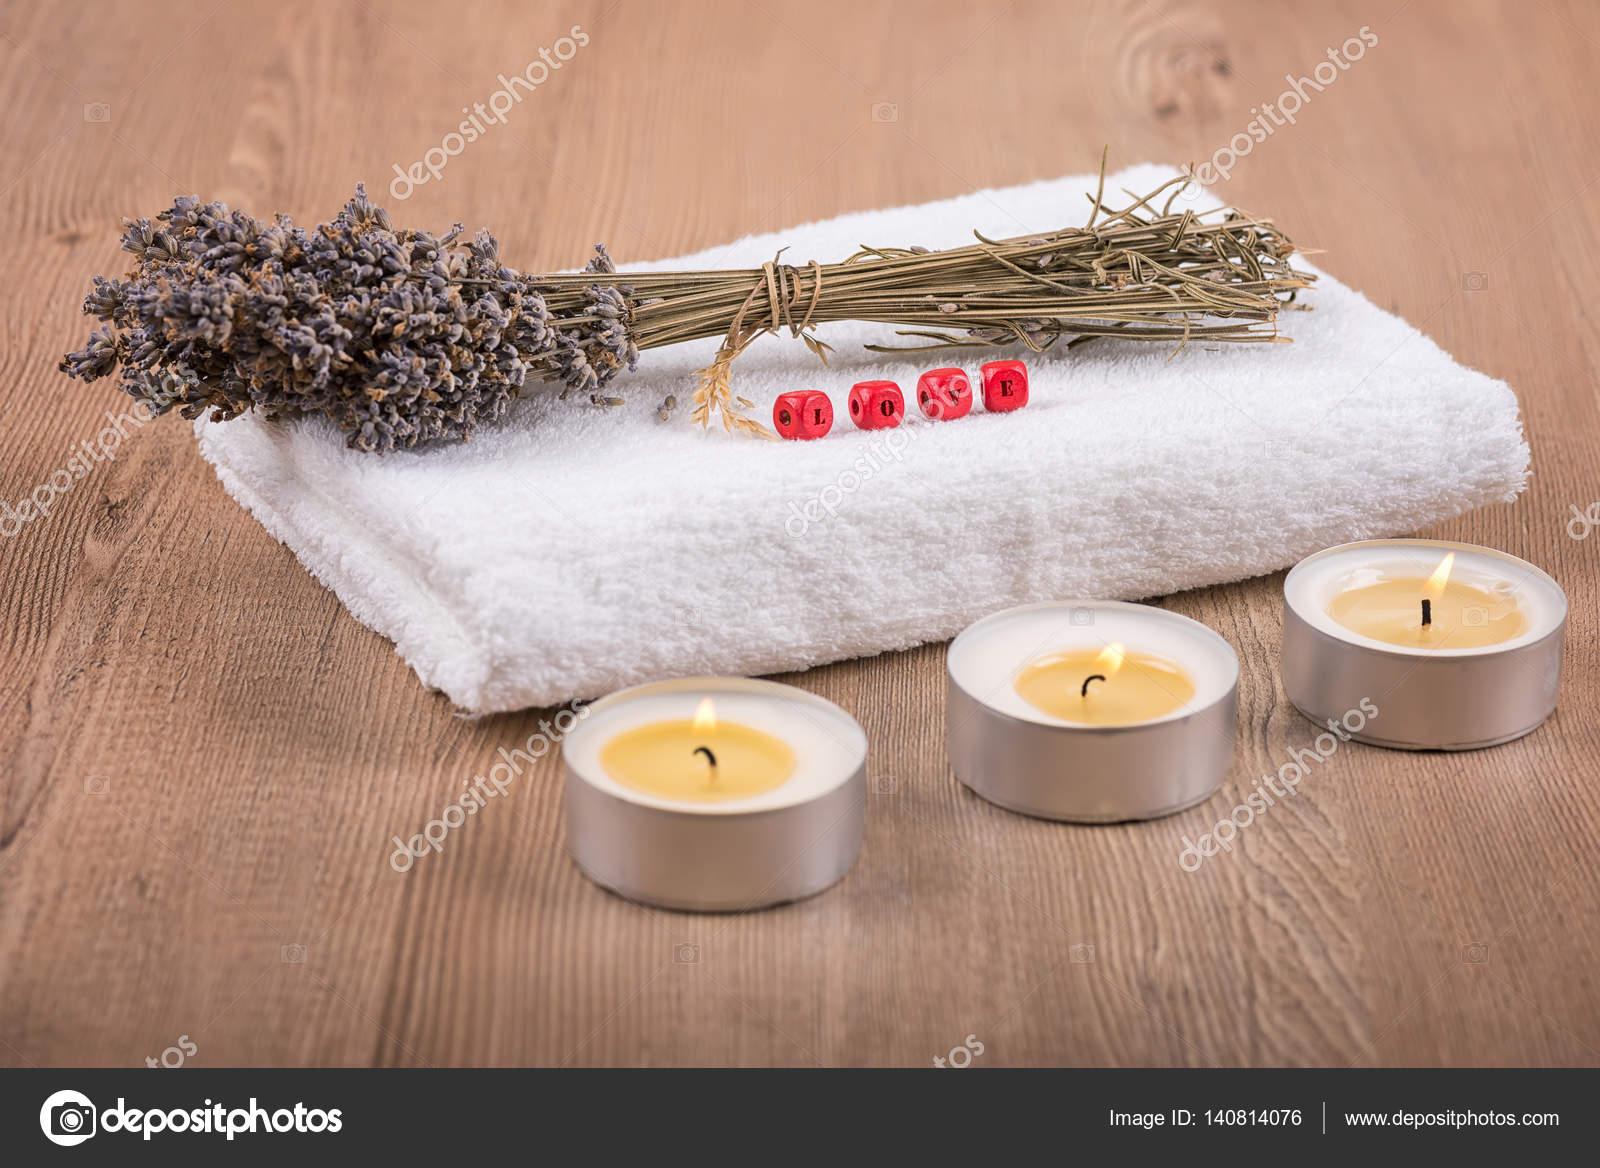 Decoration De Spa tout une décoration de spa — photographie jessivanova © #140814076